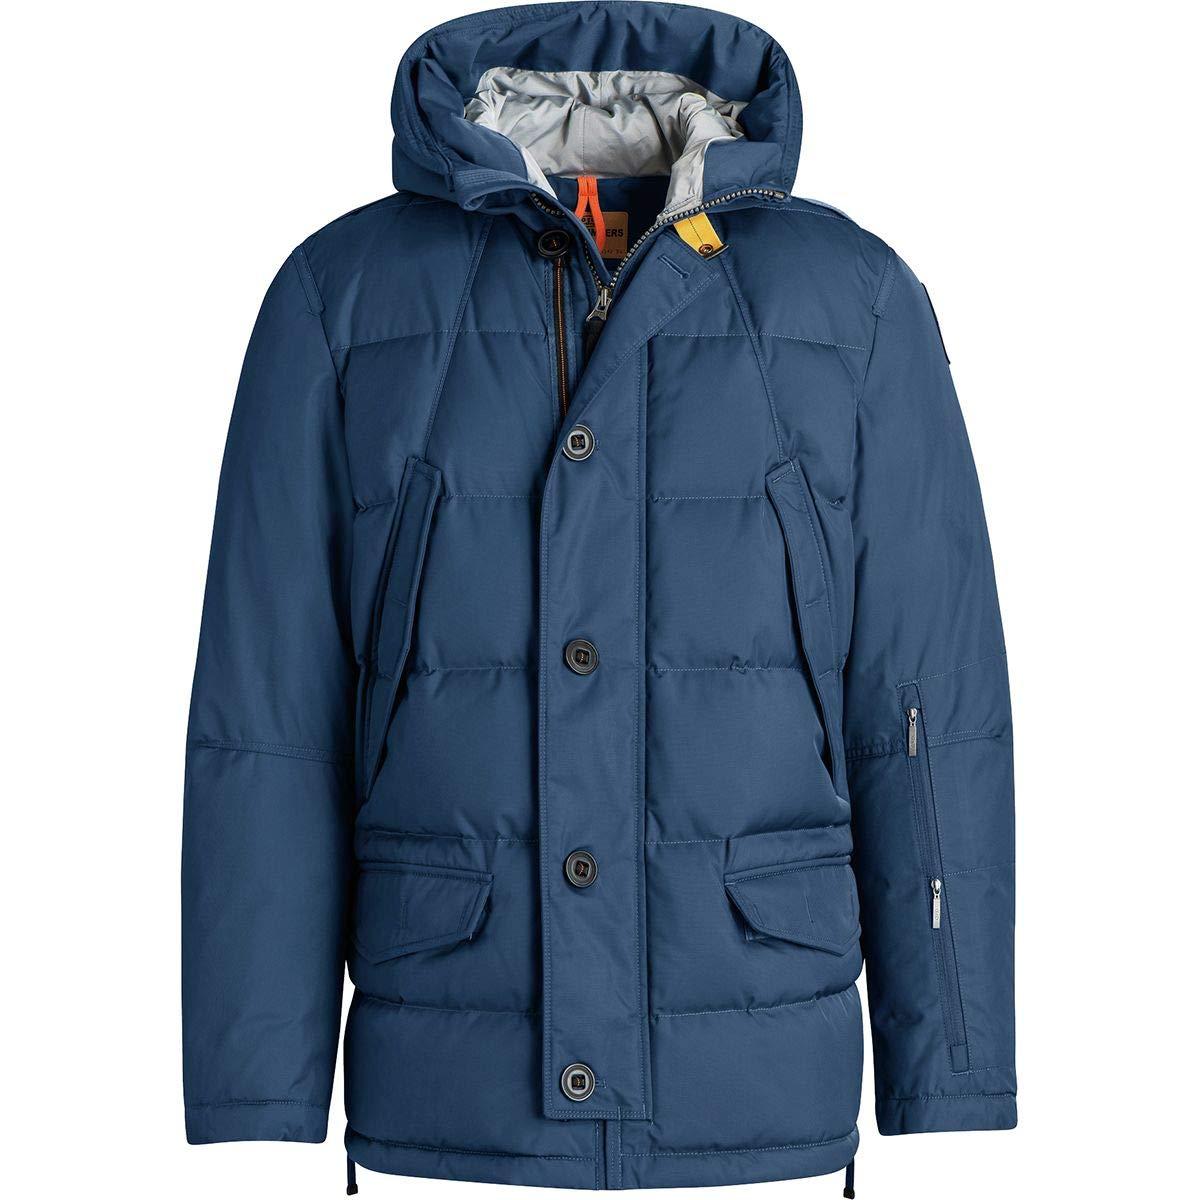 【まとめ買い】 [パラジャンパーズ] メンズ Jacket ジャケット&ブルゾン [並行輸入品] Marcus Down メンズ Jacket [並行輸入品] B07JZ3ZTLC L, ファミリーシューズ スワッティー:19a0f59b --- arianechie.dominiotemporario.com